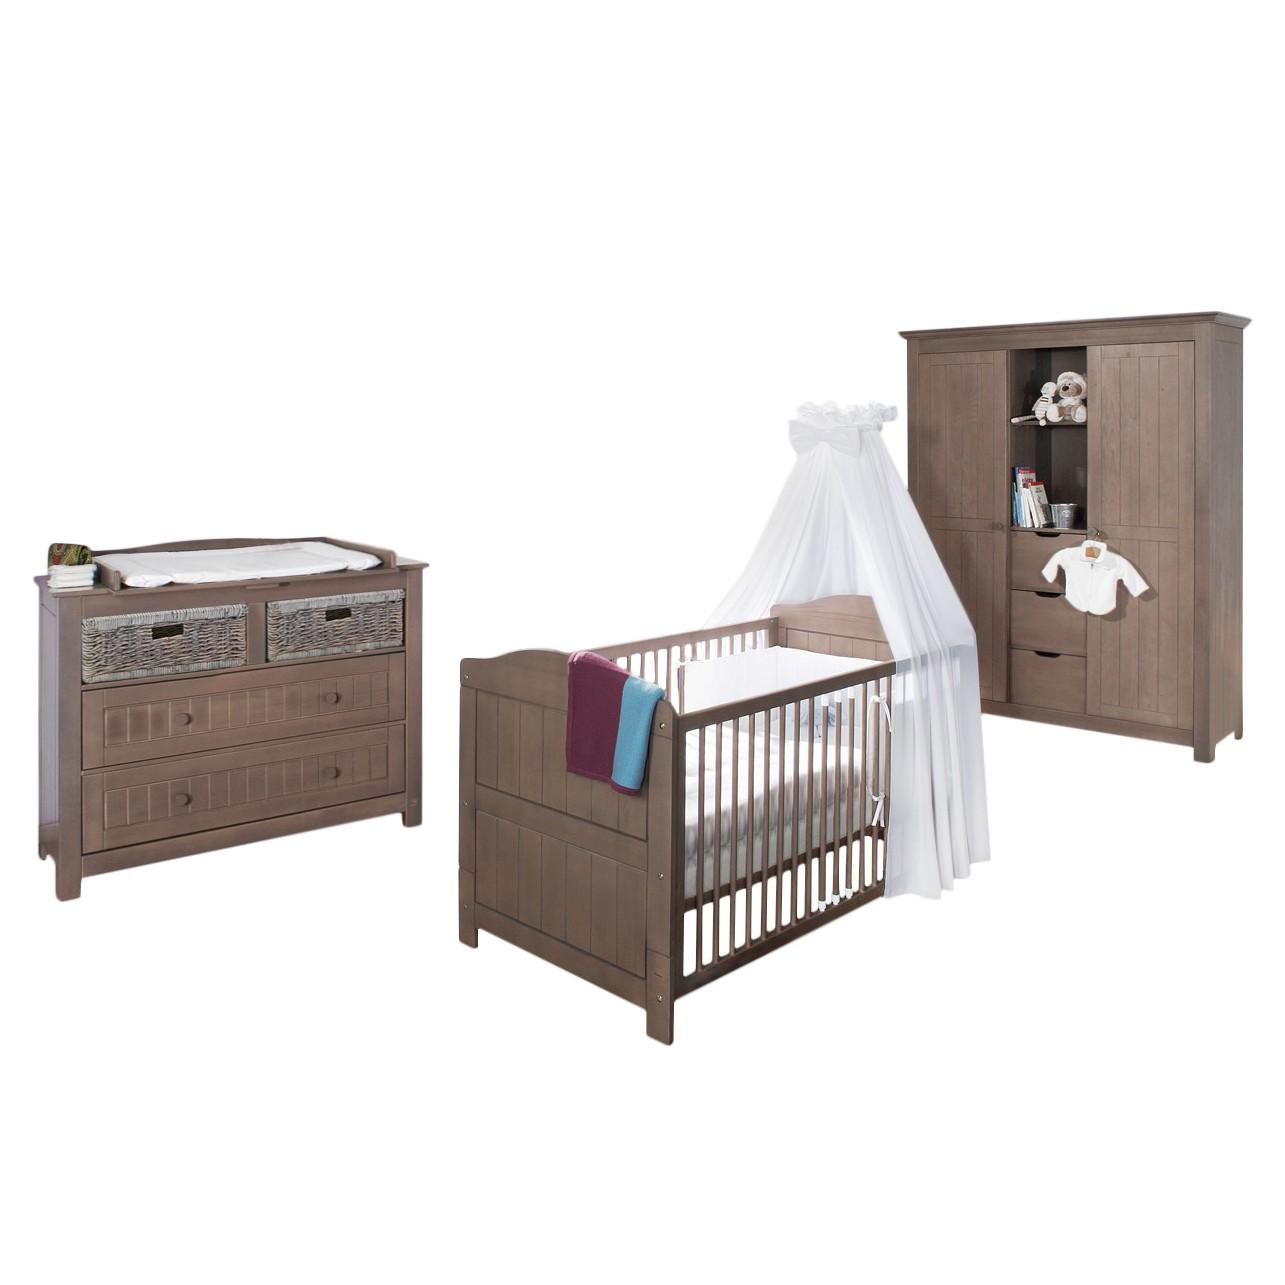 Babyzimmer-Set Jelka (3-teilig) - Babybett, Wickelkommode & Kleiderschrank 3-türig, Pinolino